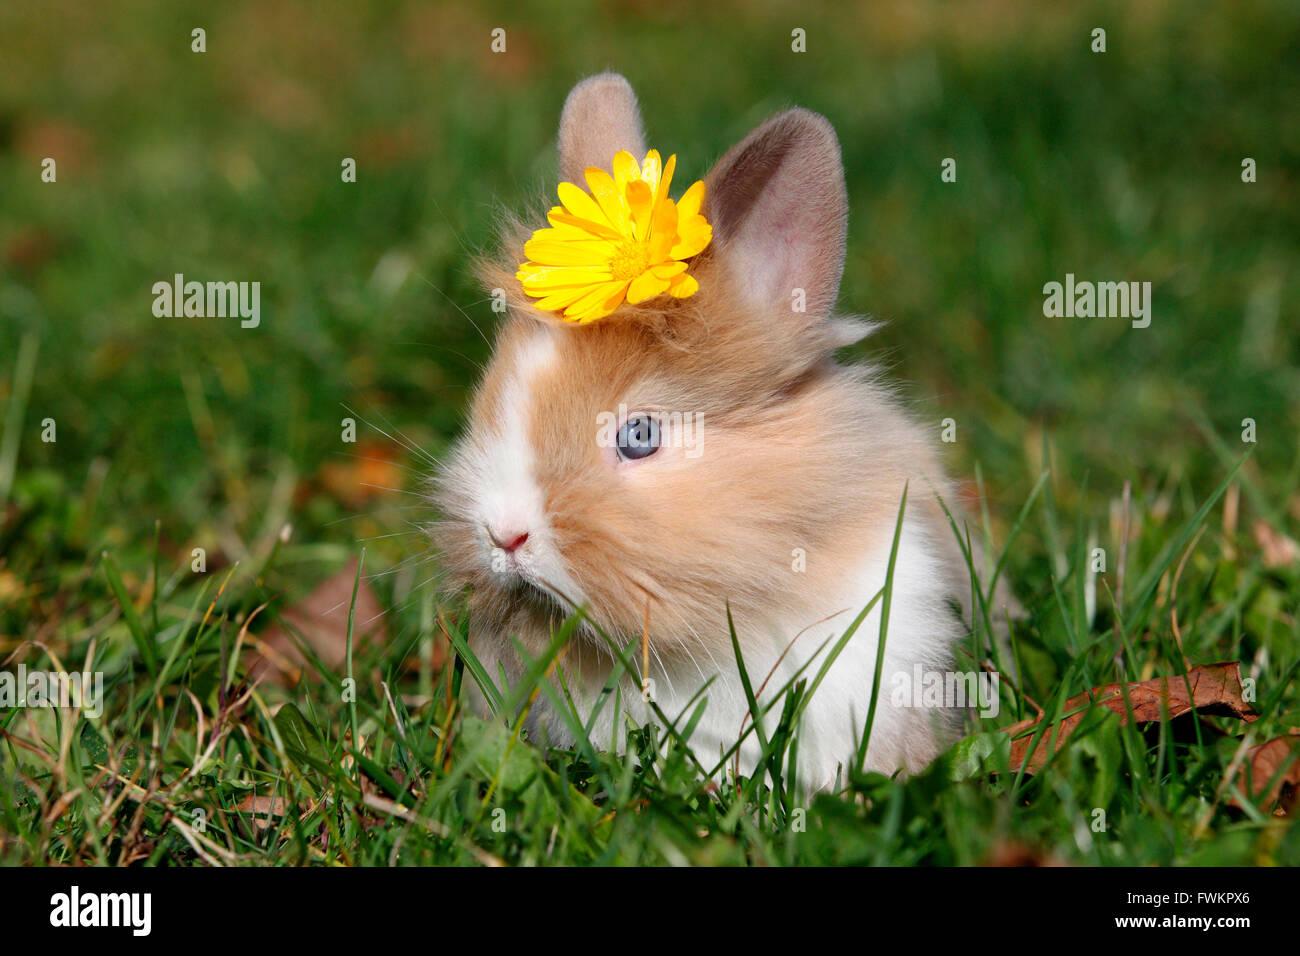 Lapin nain à tête de lion. Les jeunes assis sur un pré, portant une fleur jaune sur sa tête. Allemagne Banque D'Images